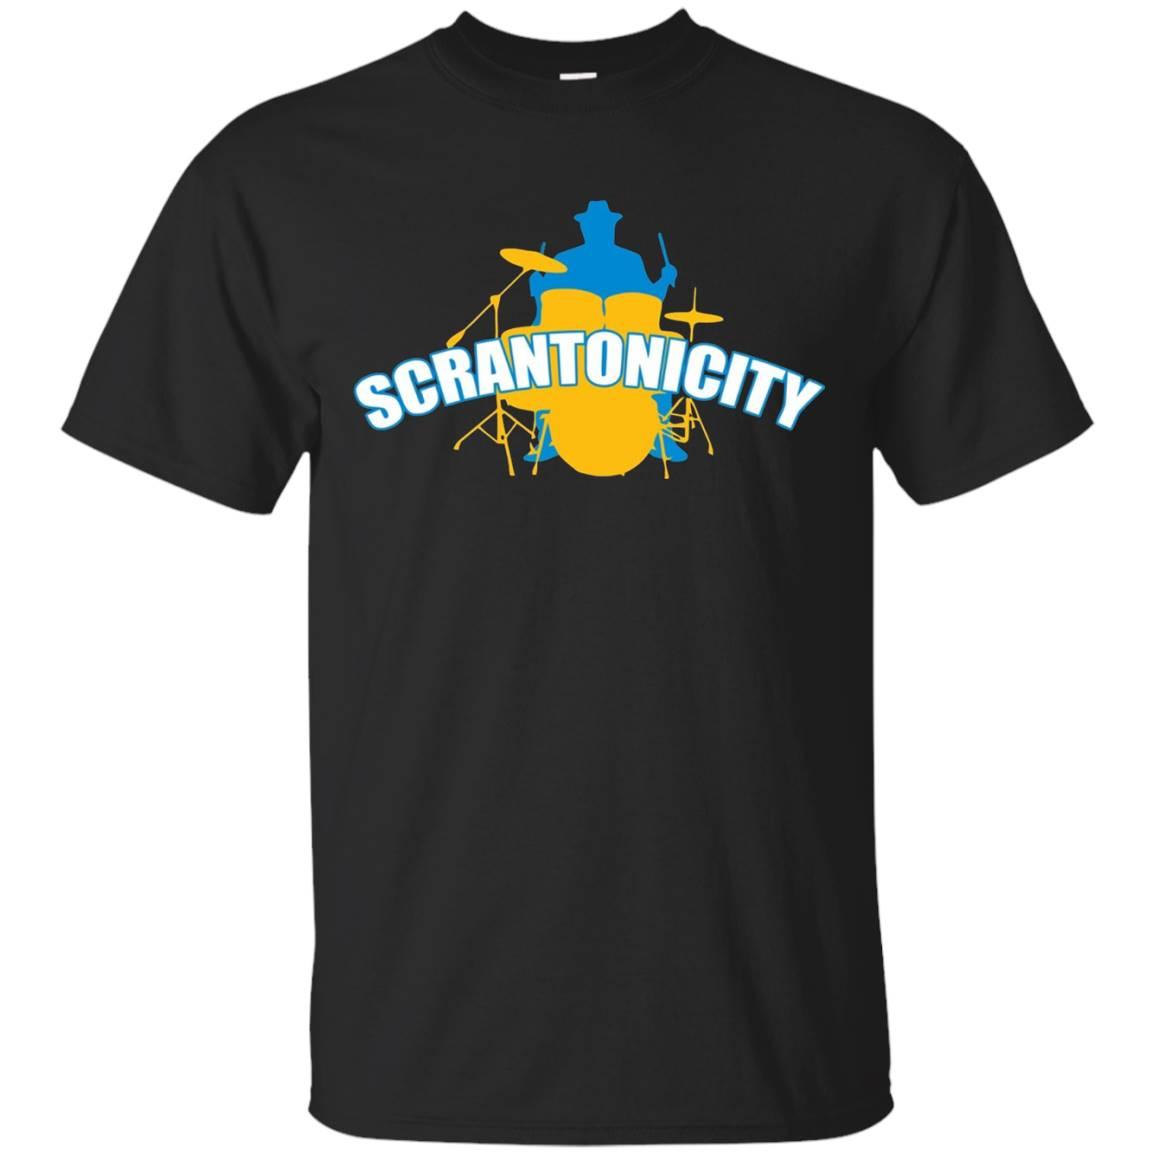 Scrantonicity shirt